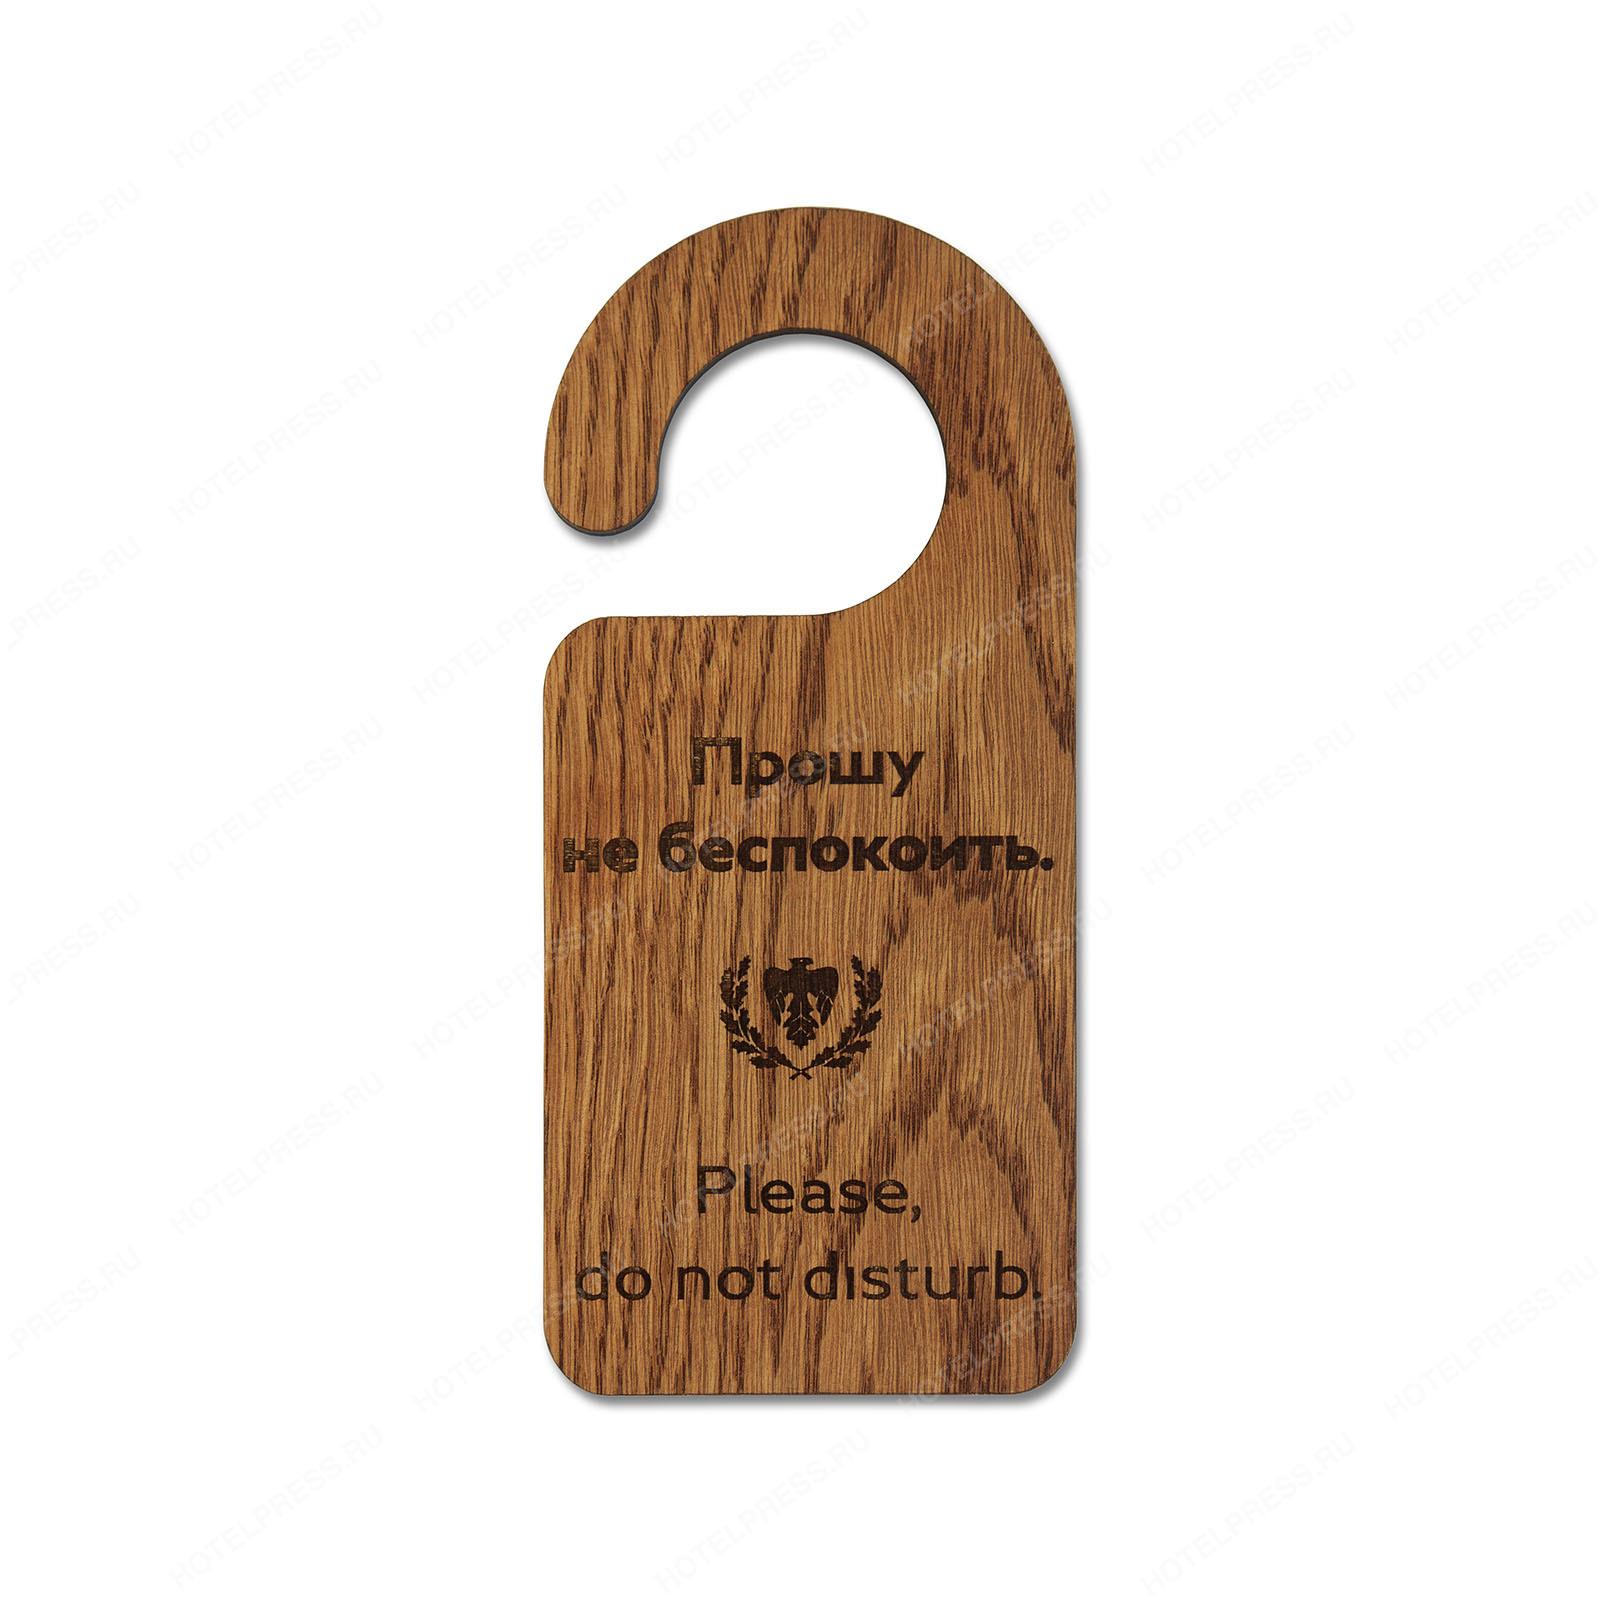 Деревянный дорноб на дверную ручку «Не беспокоить» с логотипом